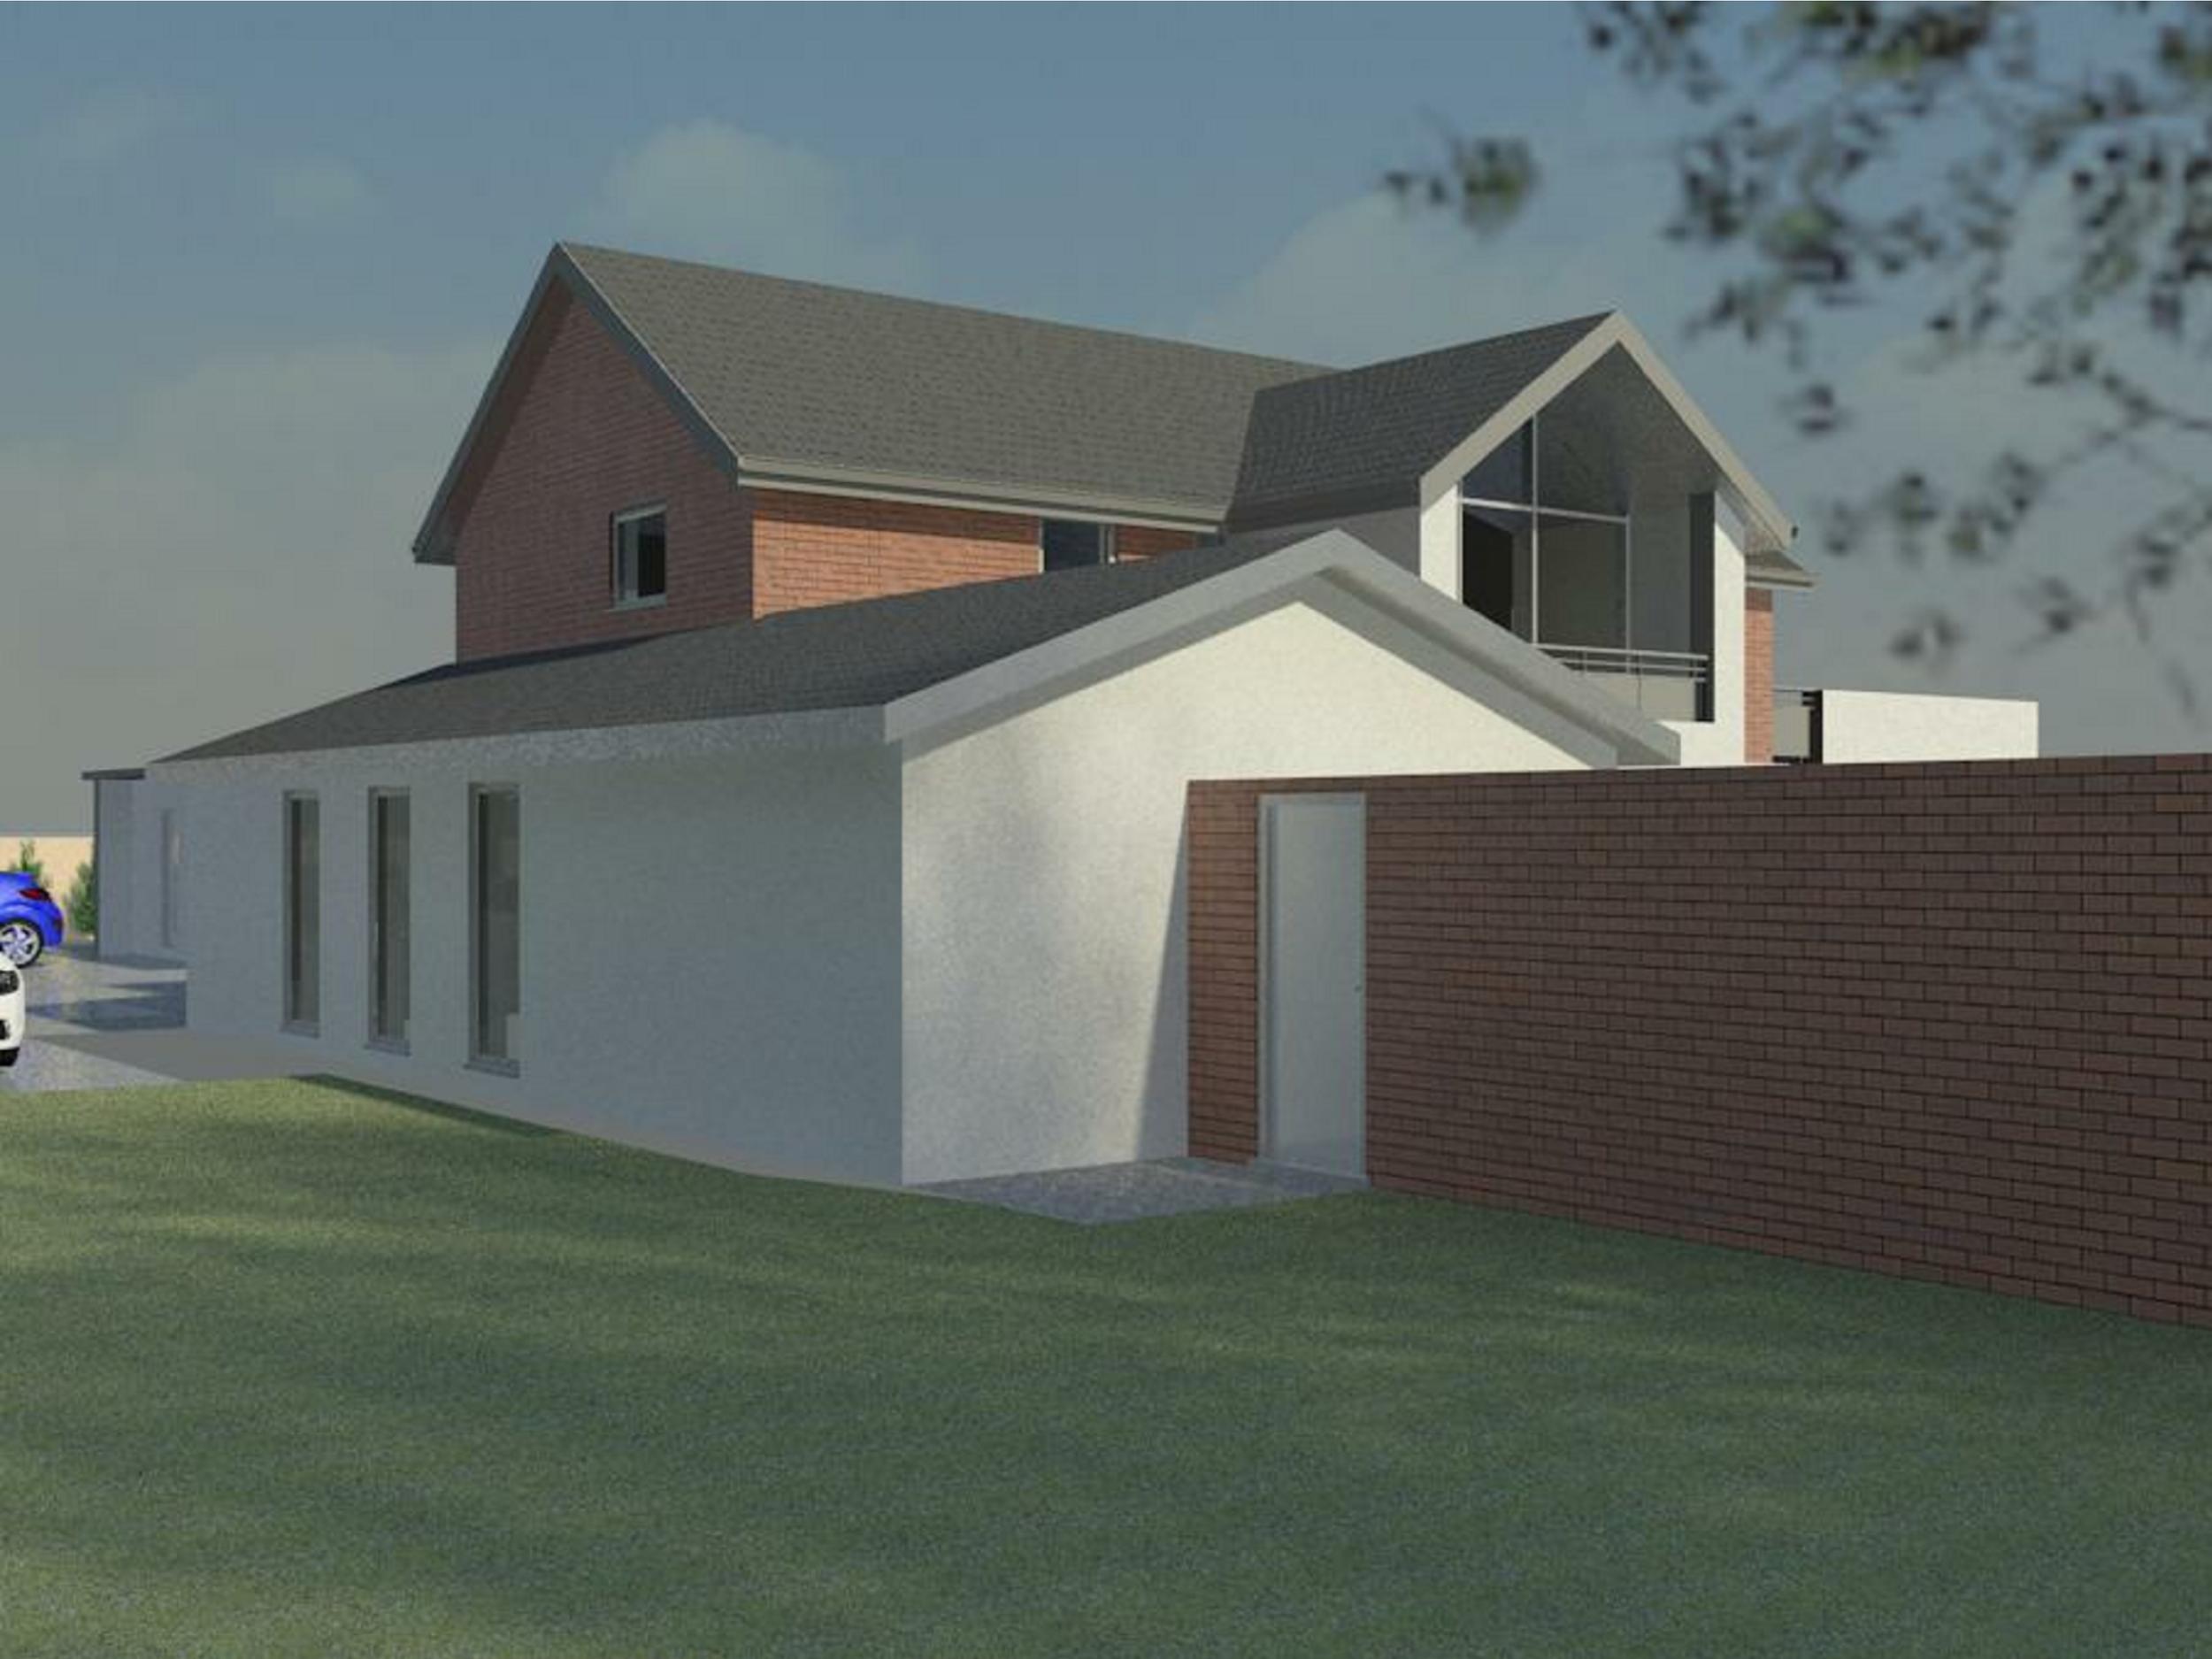 15060_New Build_Adam Hewitt - 3.png